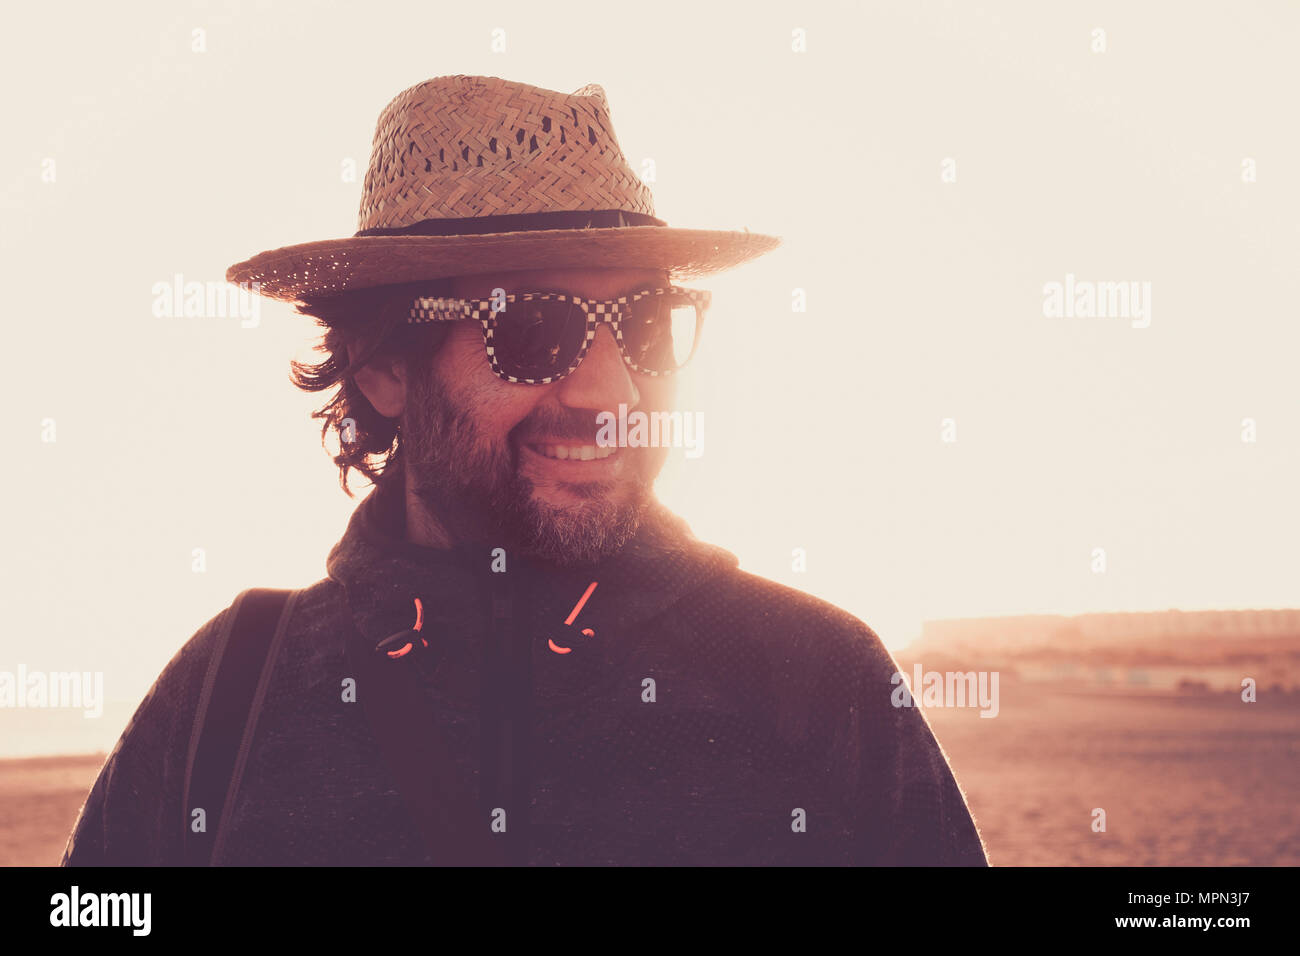 Smile uomo guarda al suo fianco in un deserto ritratto outdoor in Tenerife. indossare un cappello e occhiali da sole con retroilluminazione. Immagini Stock